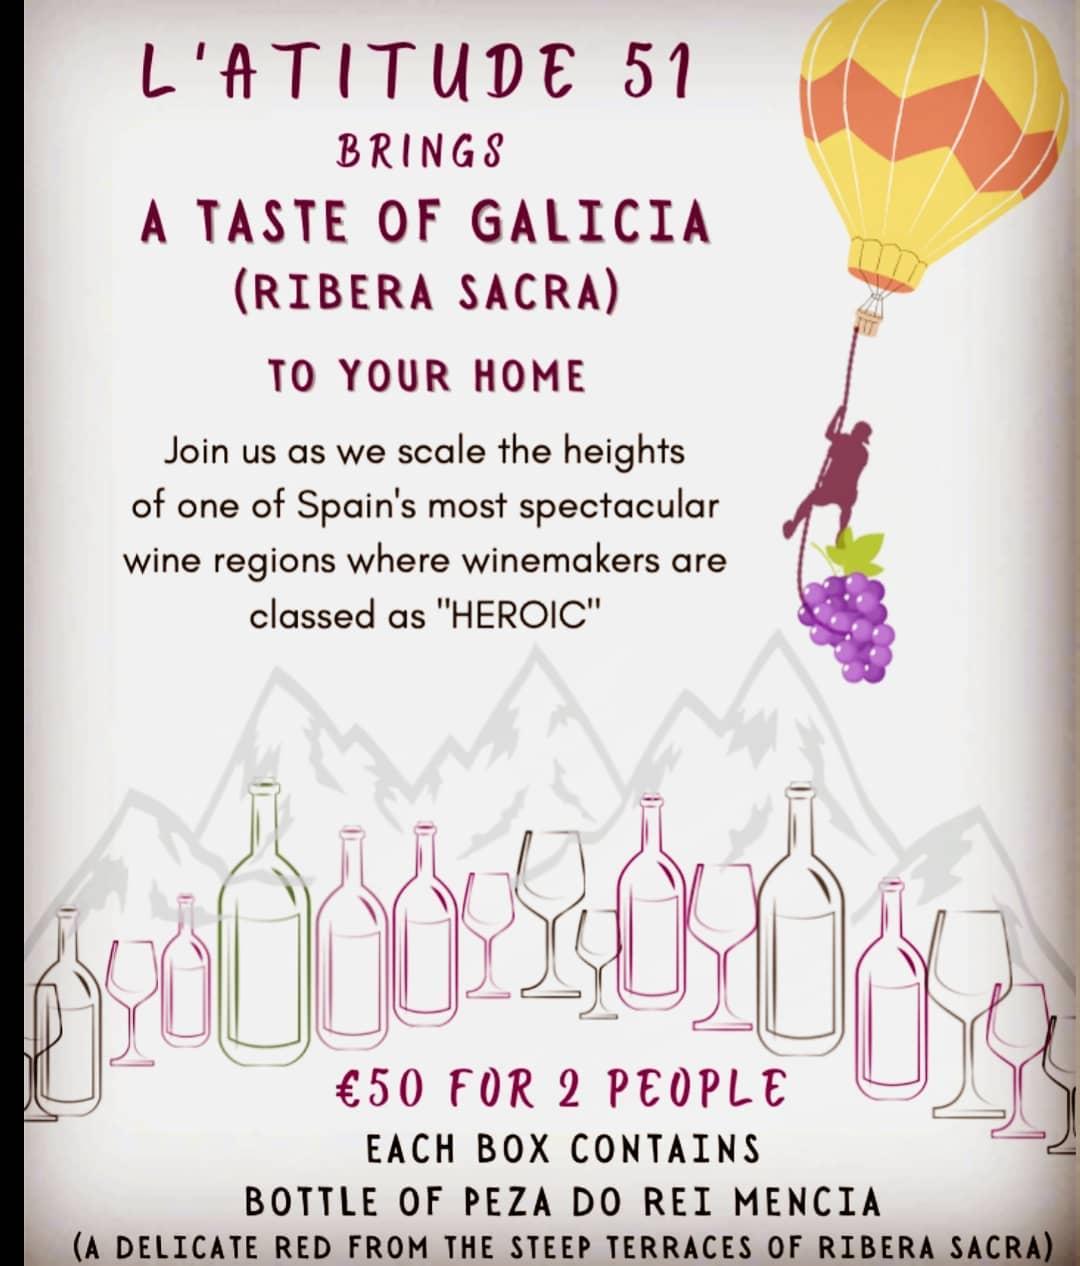 A Taste of Galicia